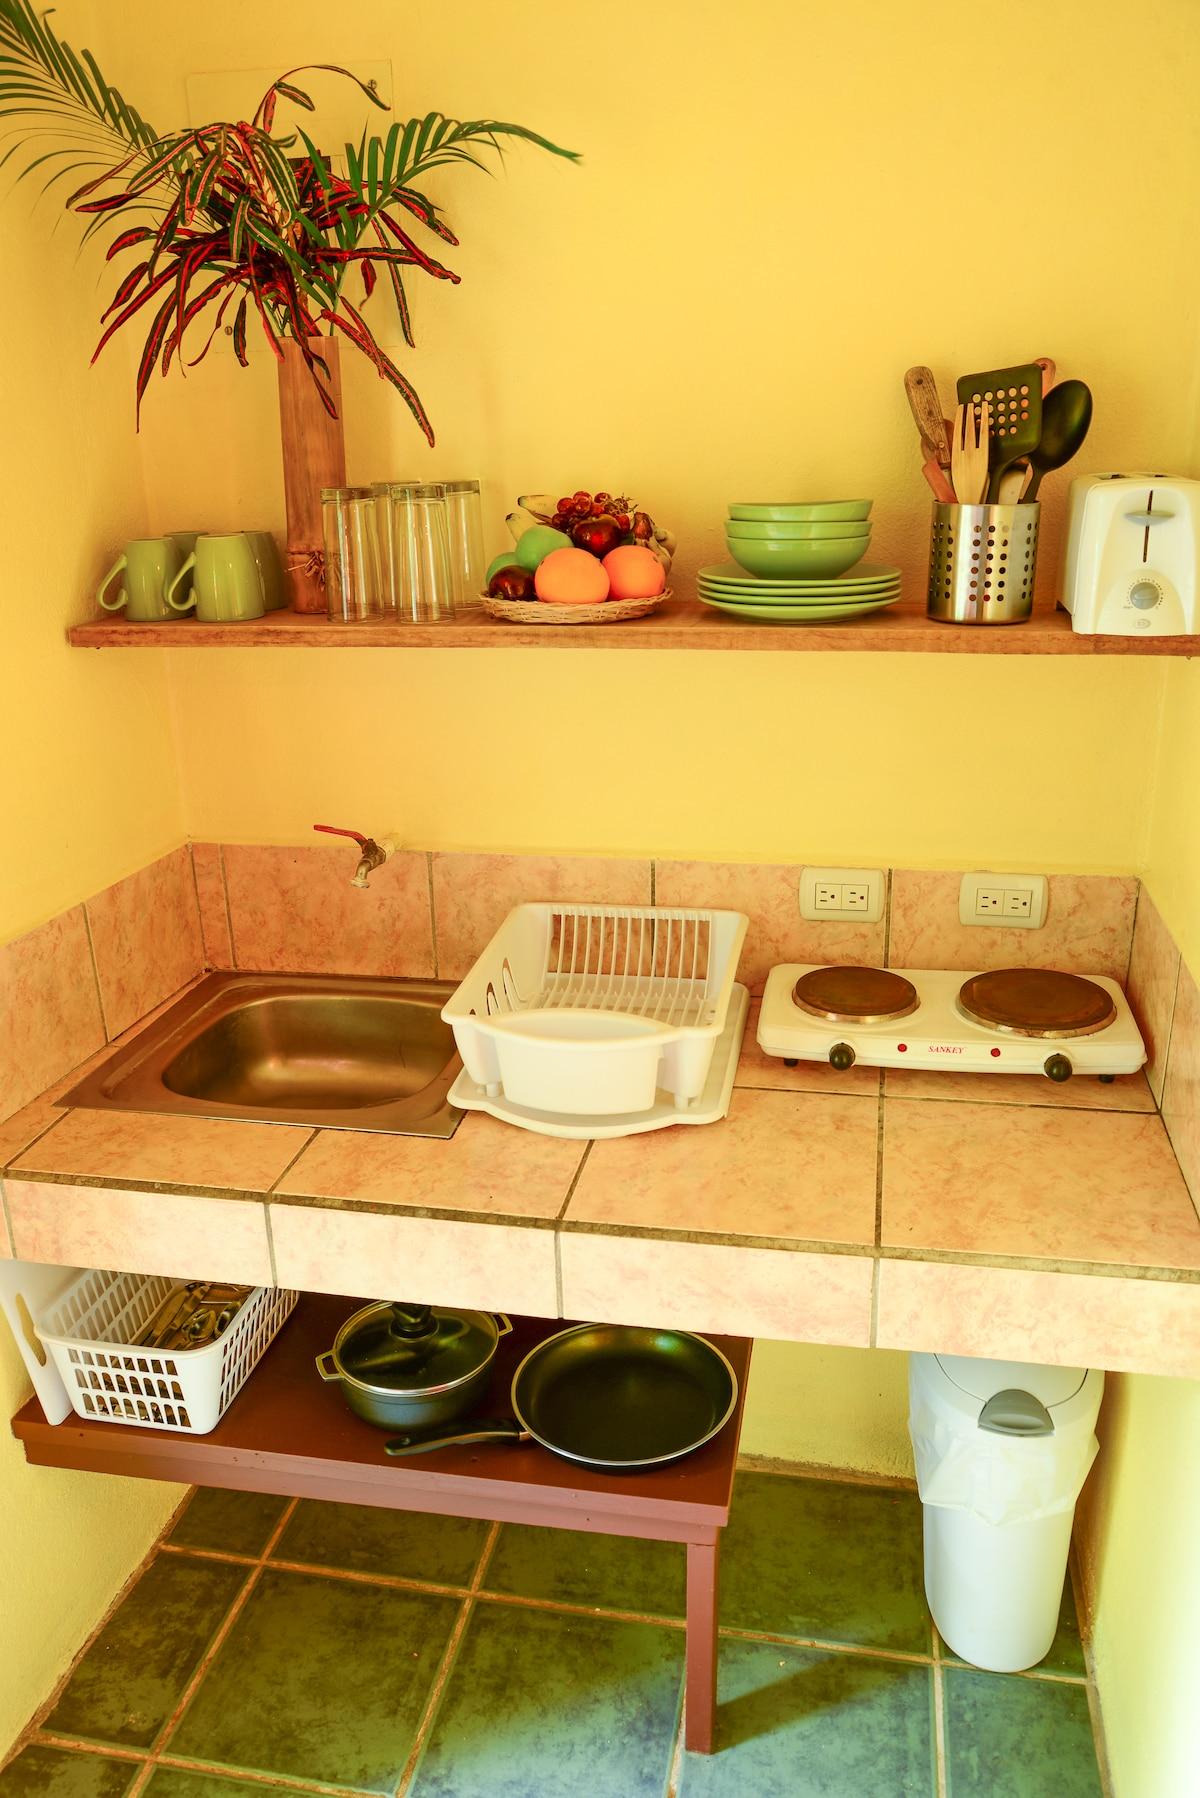 Casa Camaleon 2 - studio apartment